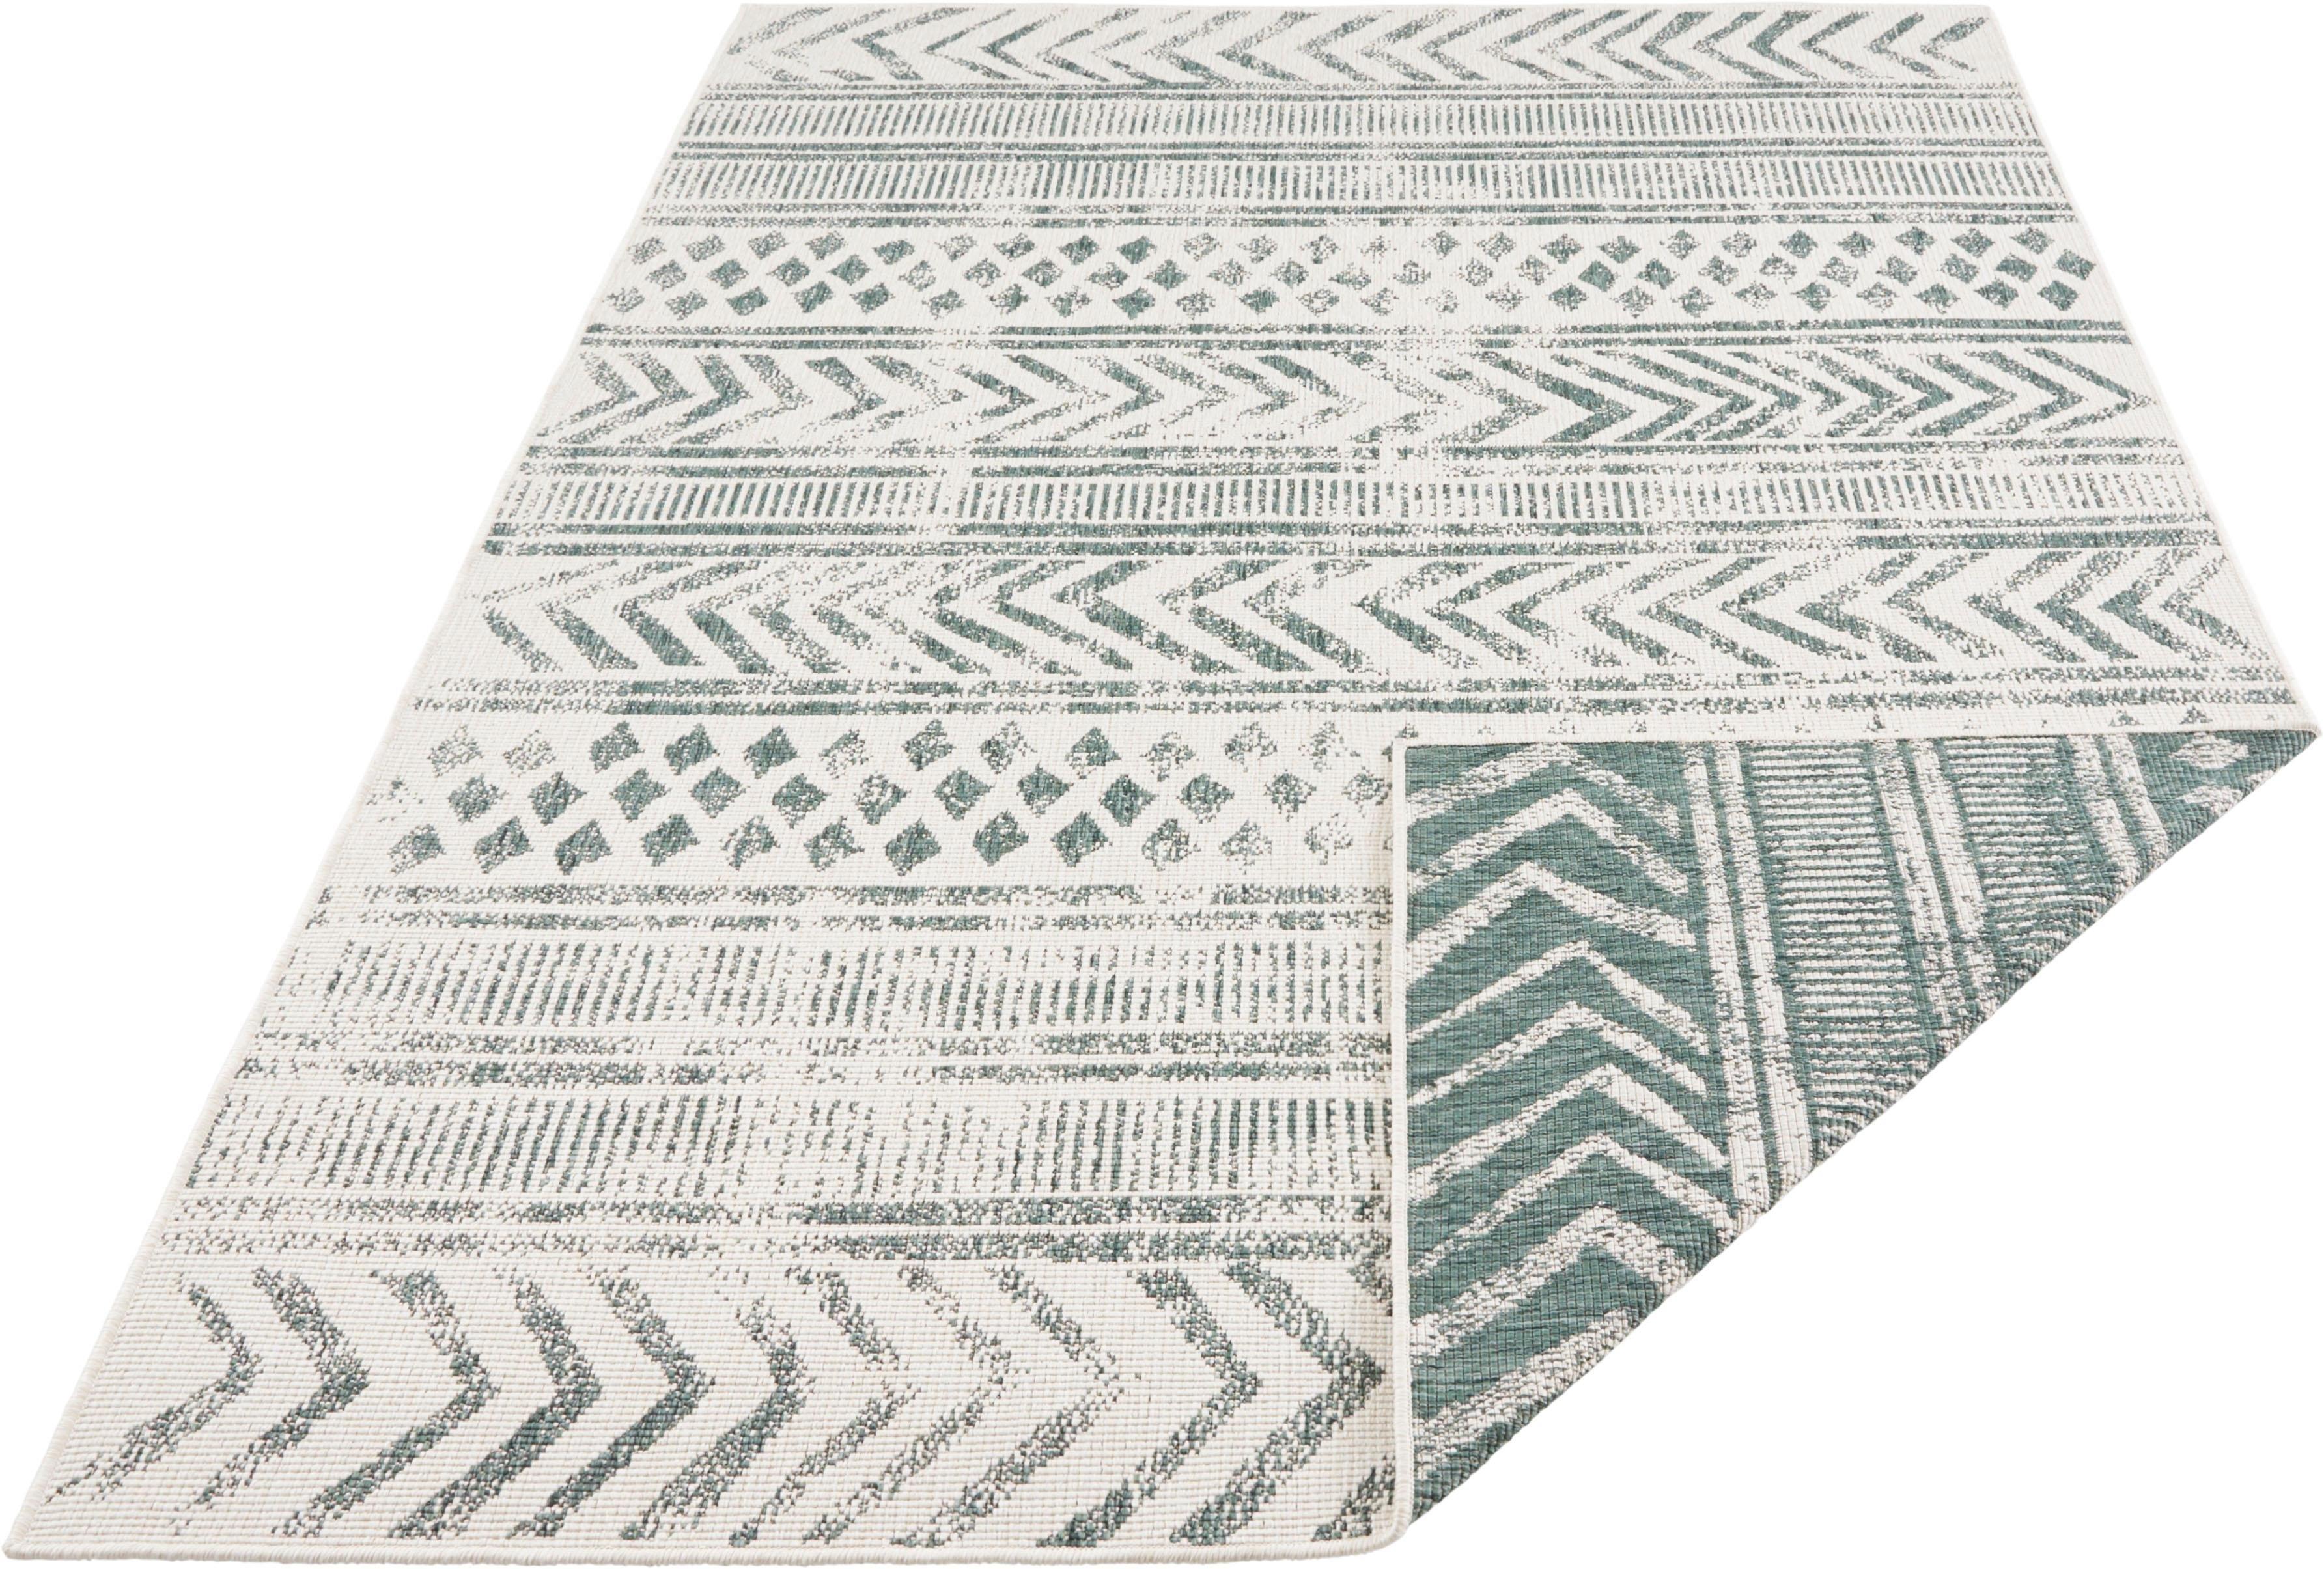 bougari vloerkleed BIRI Geschikt voor binnen en buiten, tweezijdig te gebruiken kleed, woonkamer in de webshop van OTTO kopen